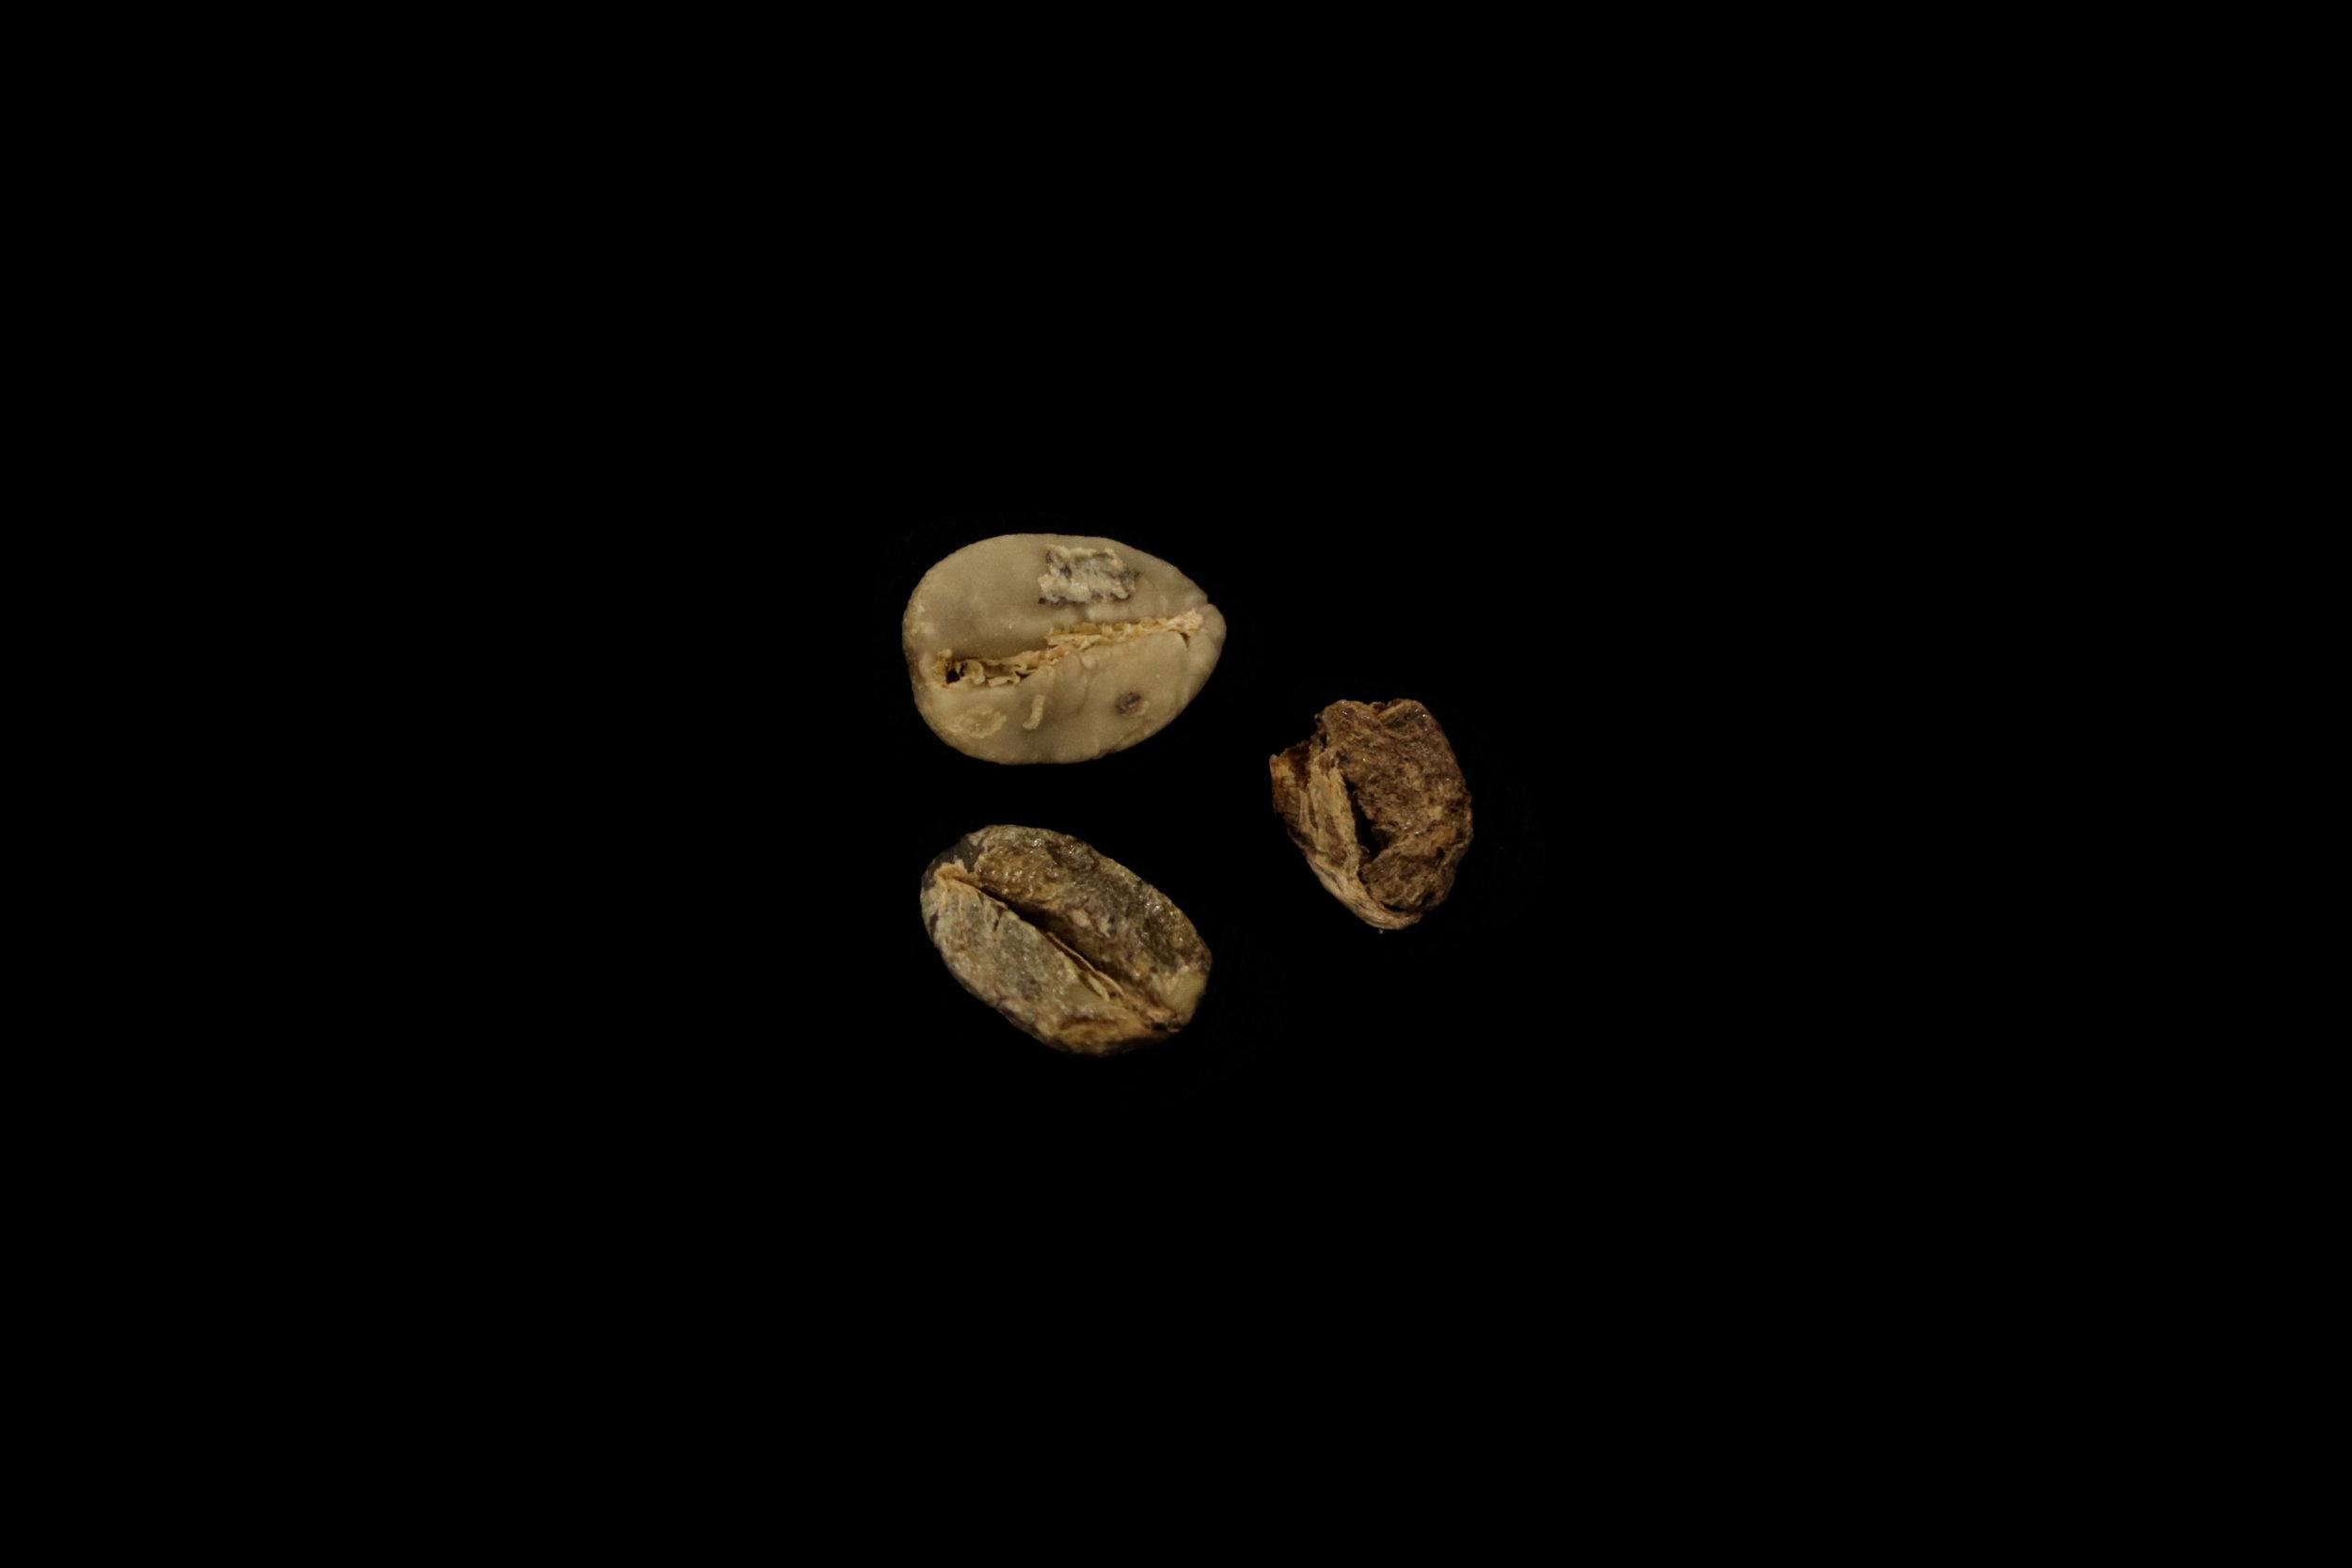 Moldy beans